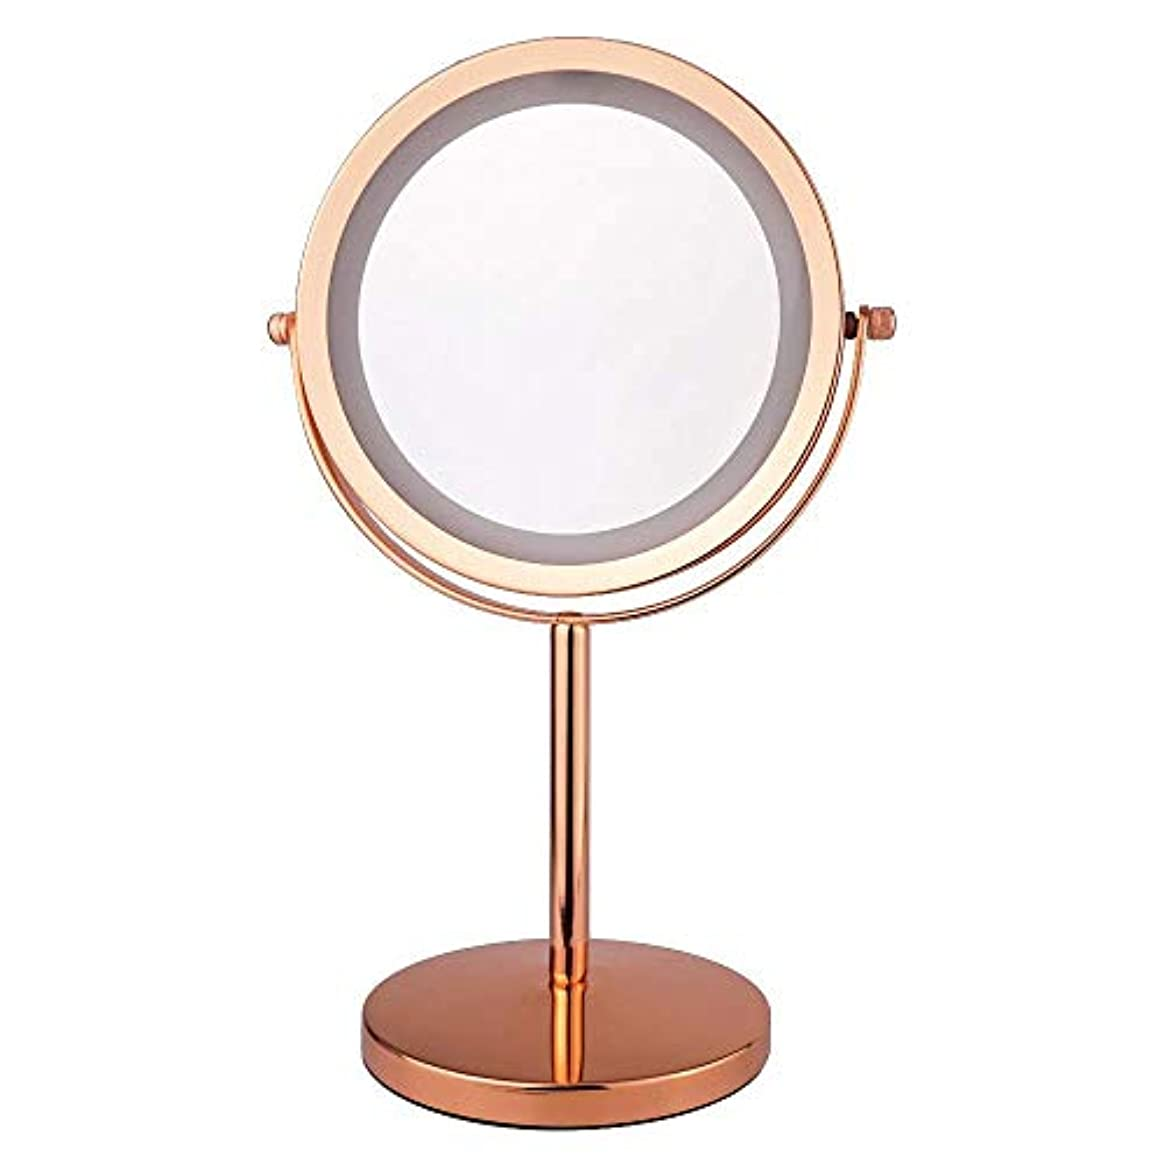 発送午後忌まわしい化粧鏡 5倍 拡大鏡 付き led ミラー LED 両面 鏡 卓上 スタンドミラー メイク 360度回転スタンドミラー